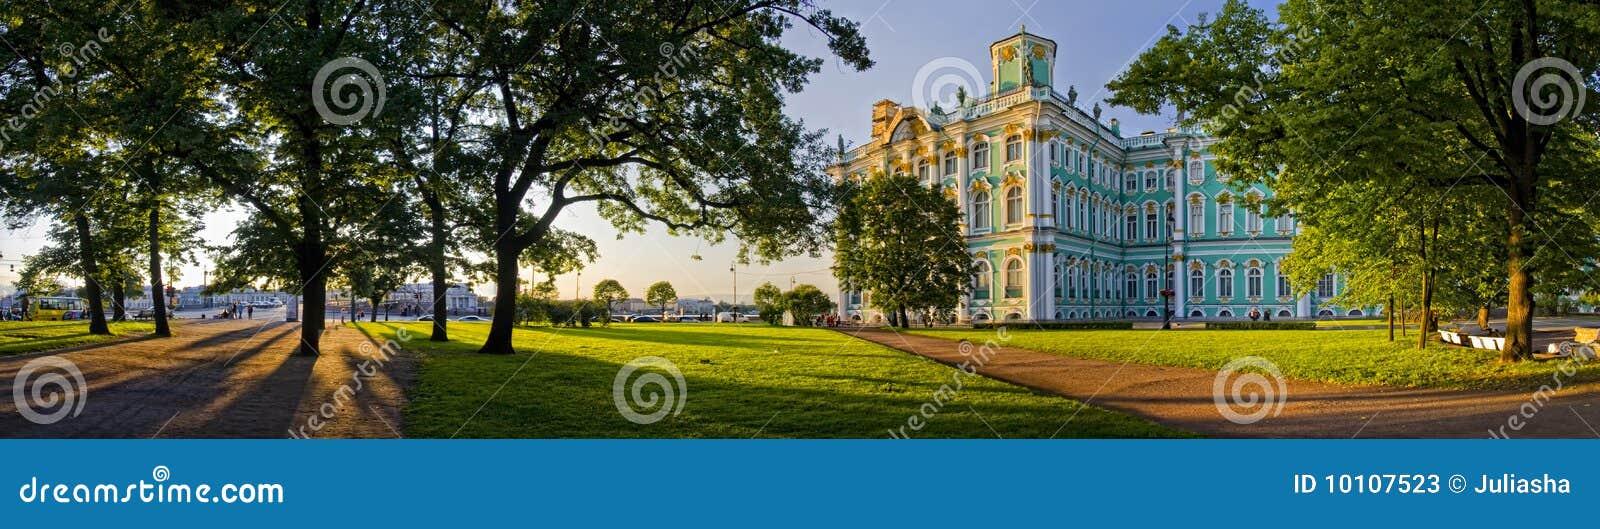 Pałac zima